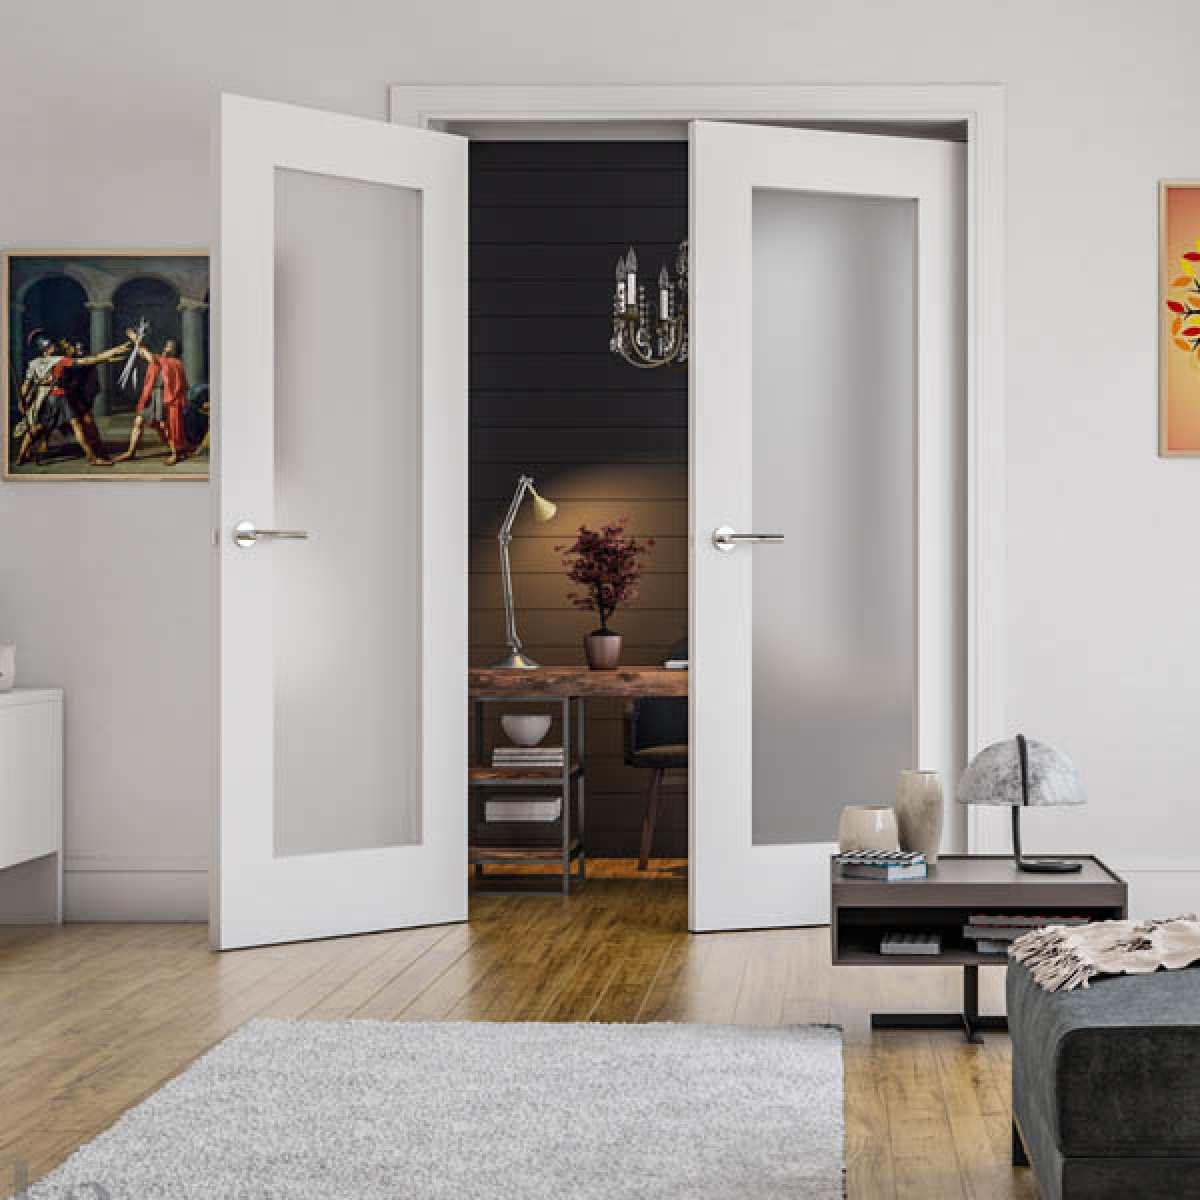 denver white primed glazed lifestyle websters Image by Websters Timber